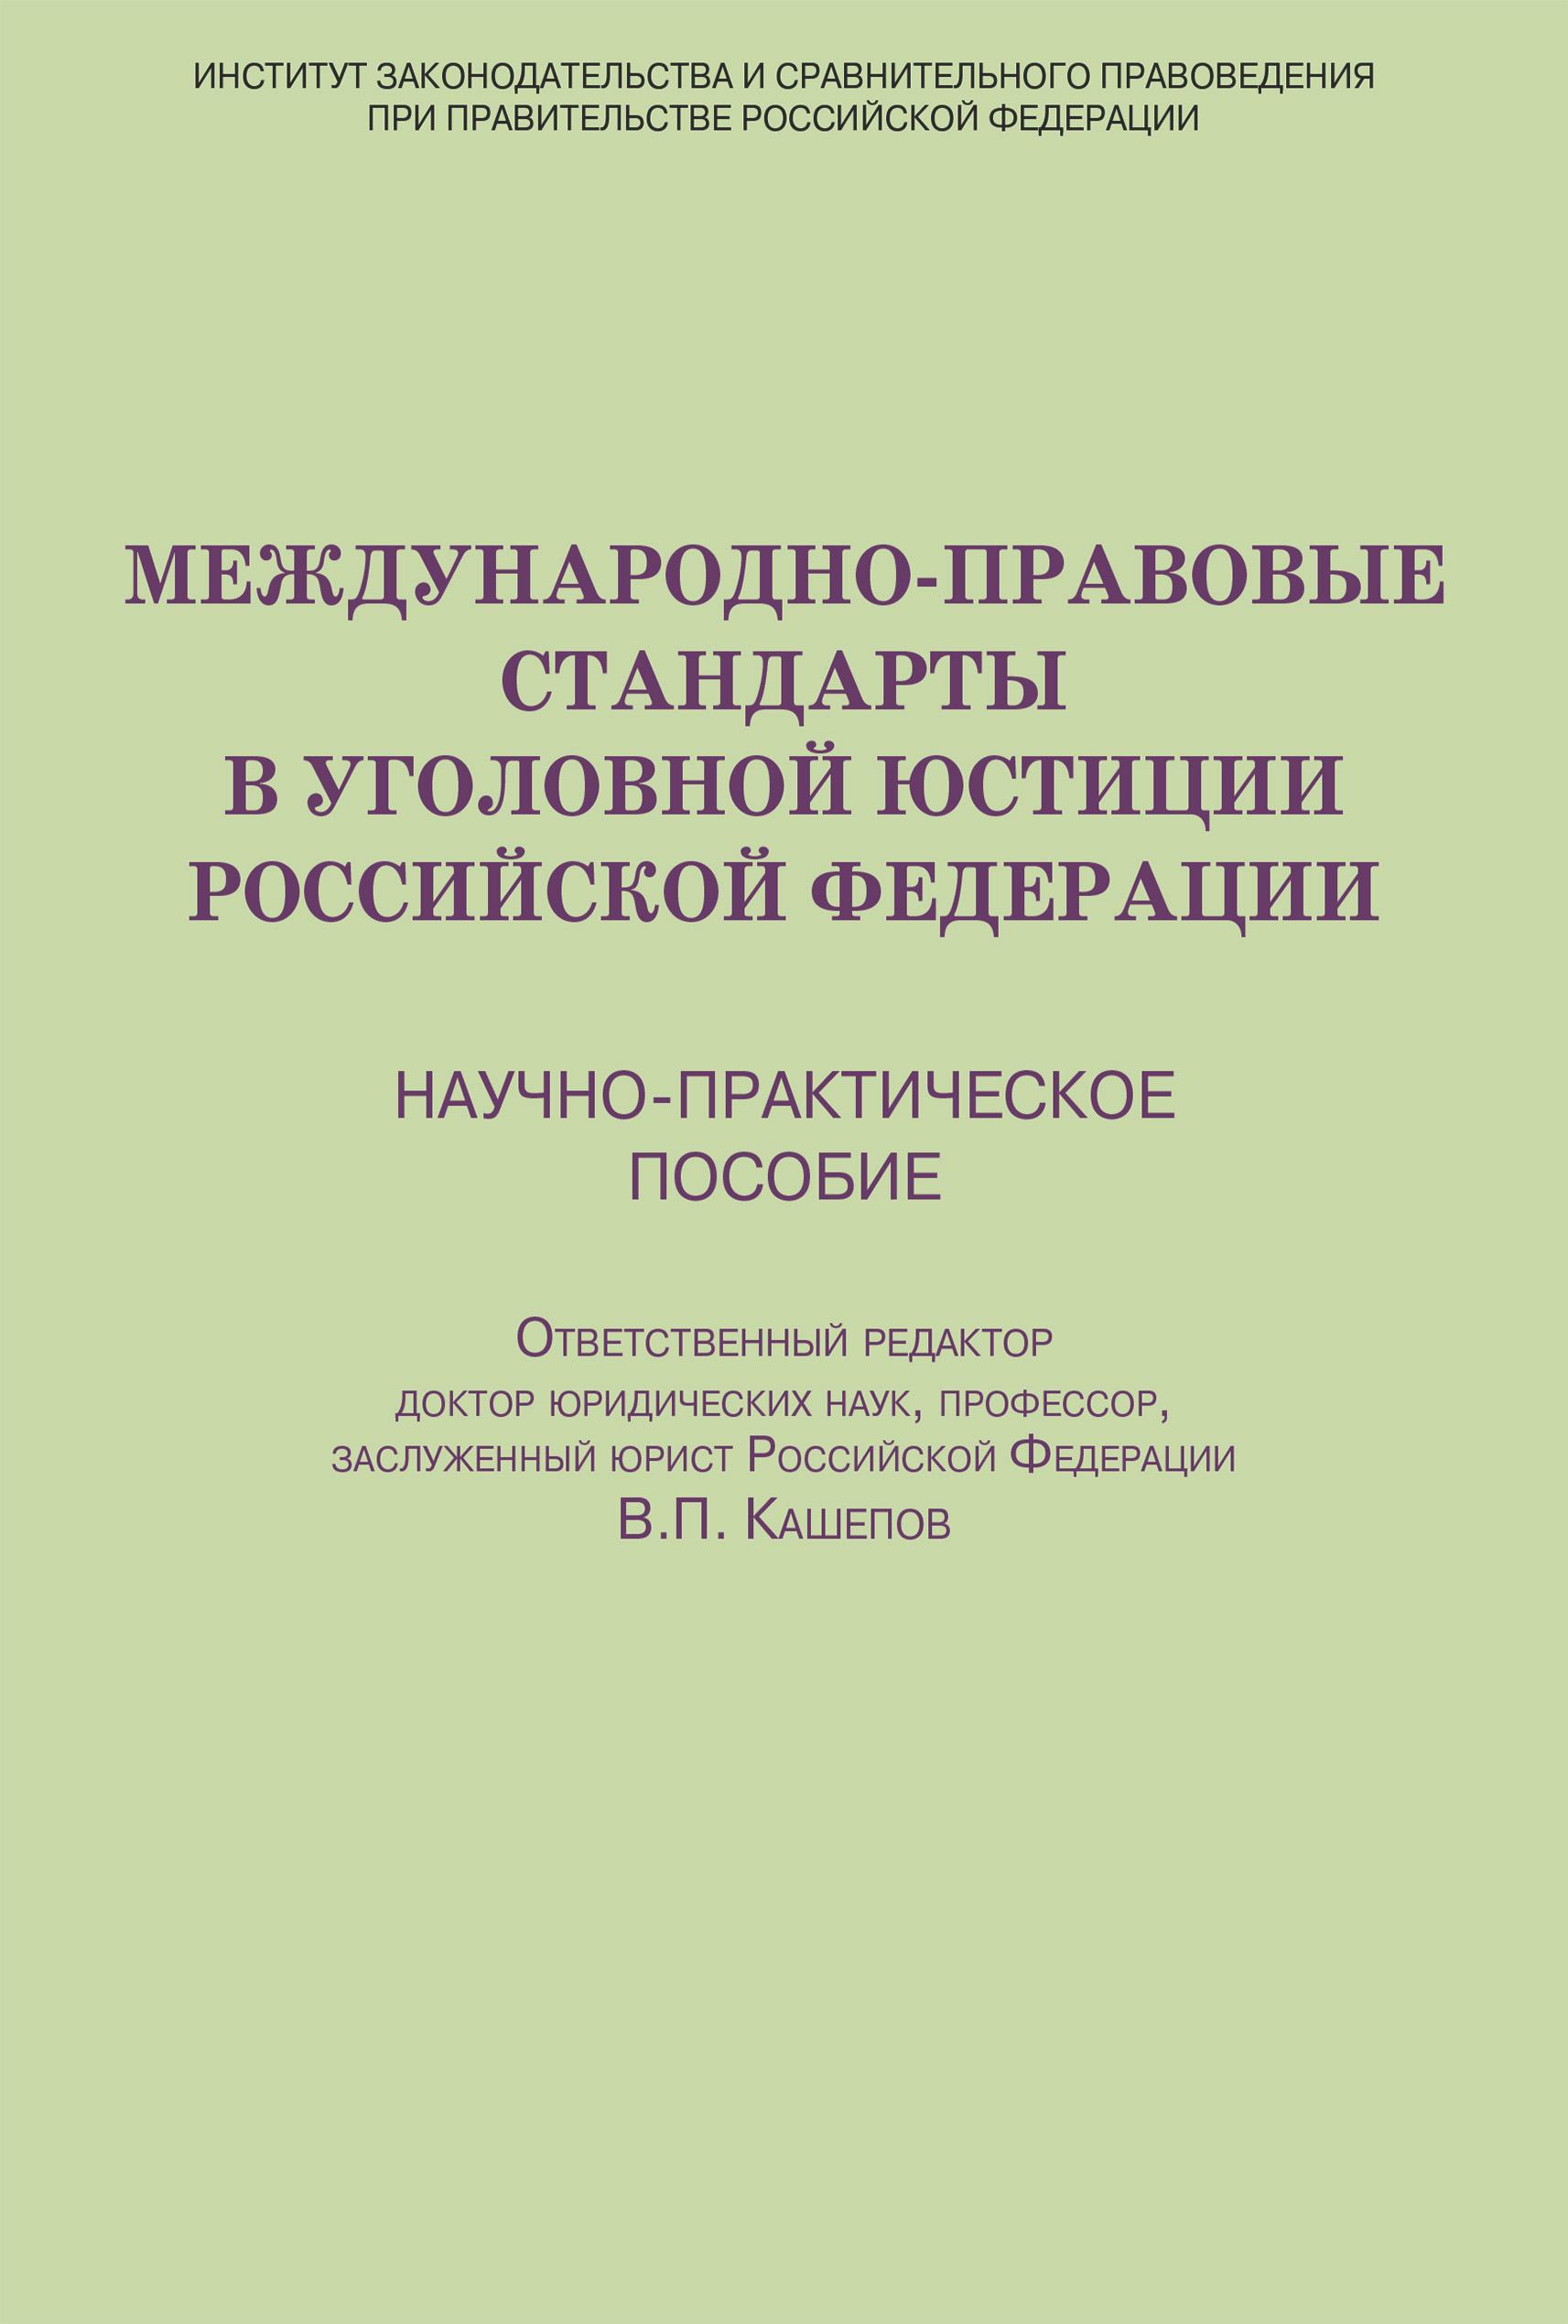 Международно-правовые стандарты в уголовной юстиции Российской Федерации. Научно-практическое пособие